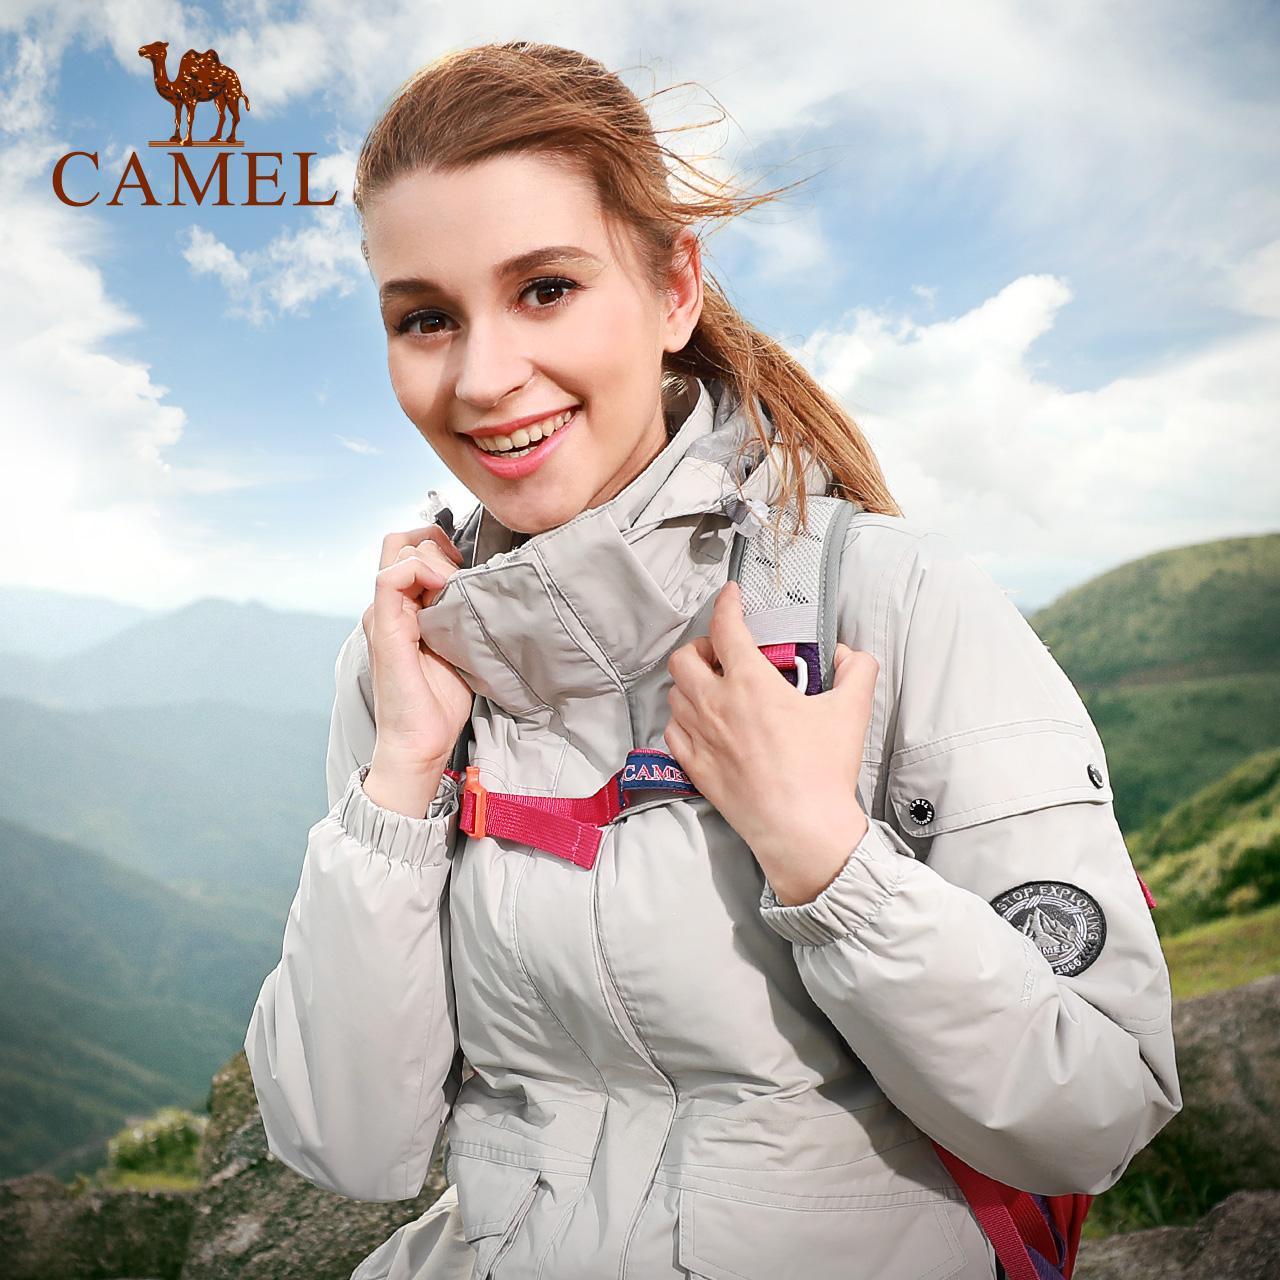 骆驼户外冲锋衣男女潮牌 防风防水抓绒保暖三合一两件套登山服装